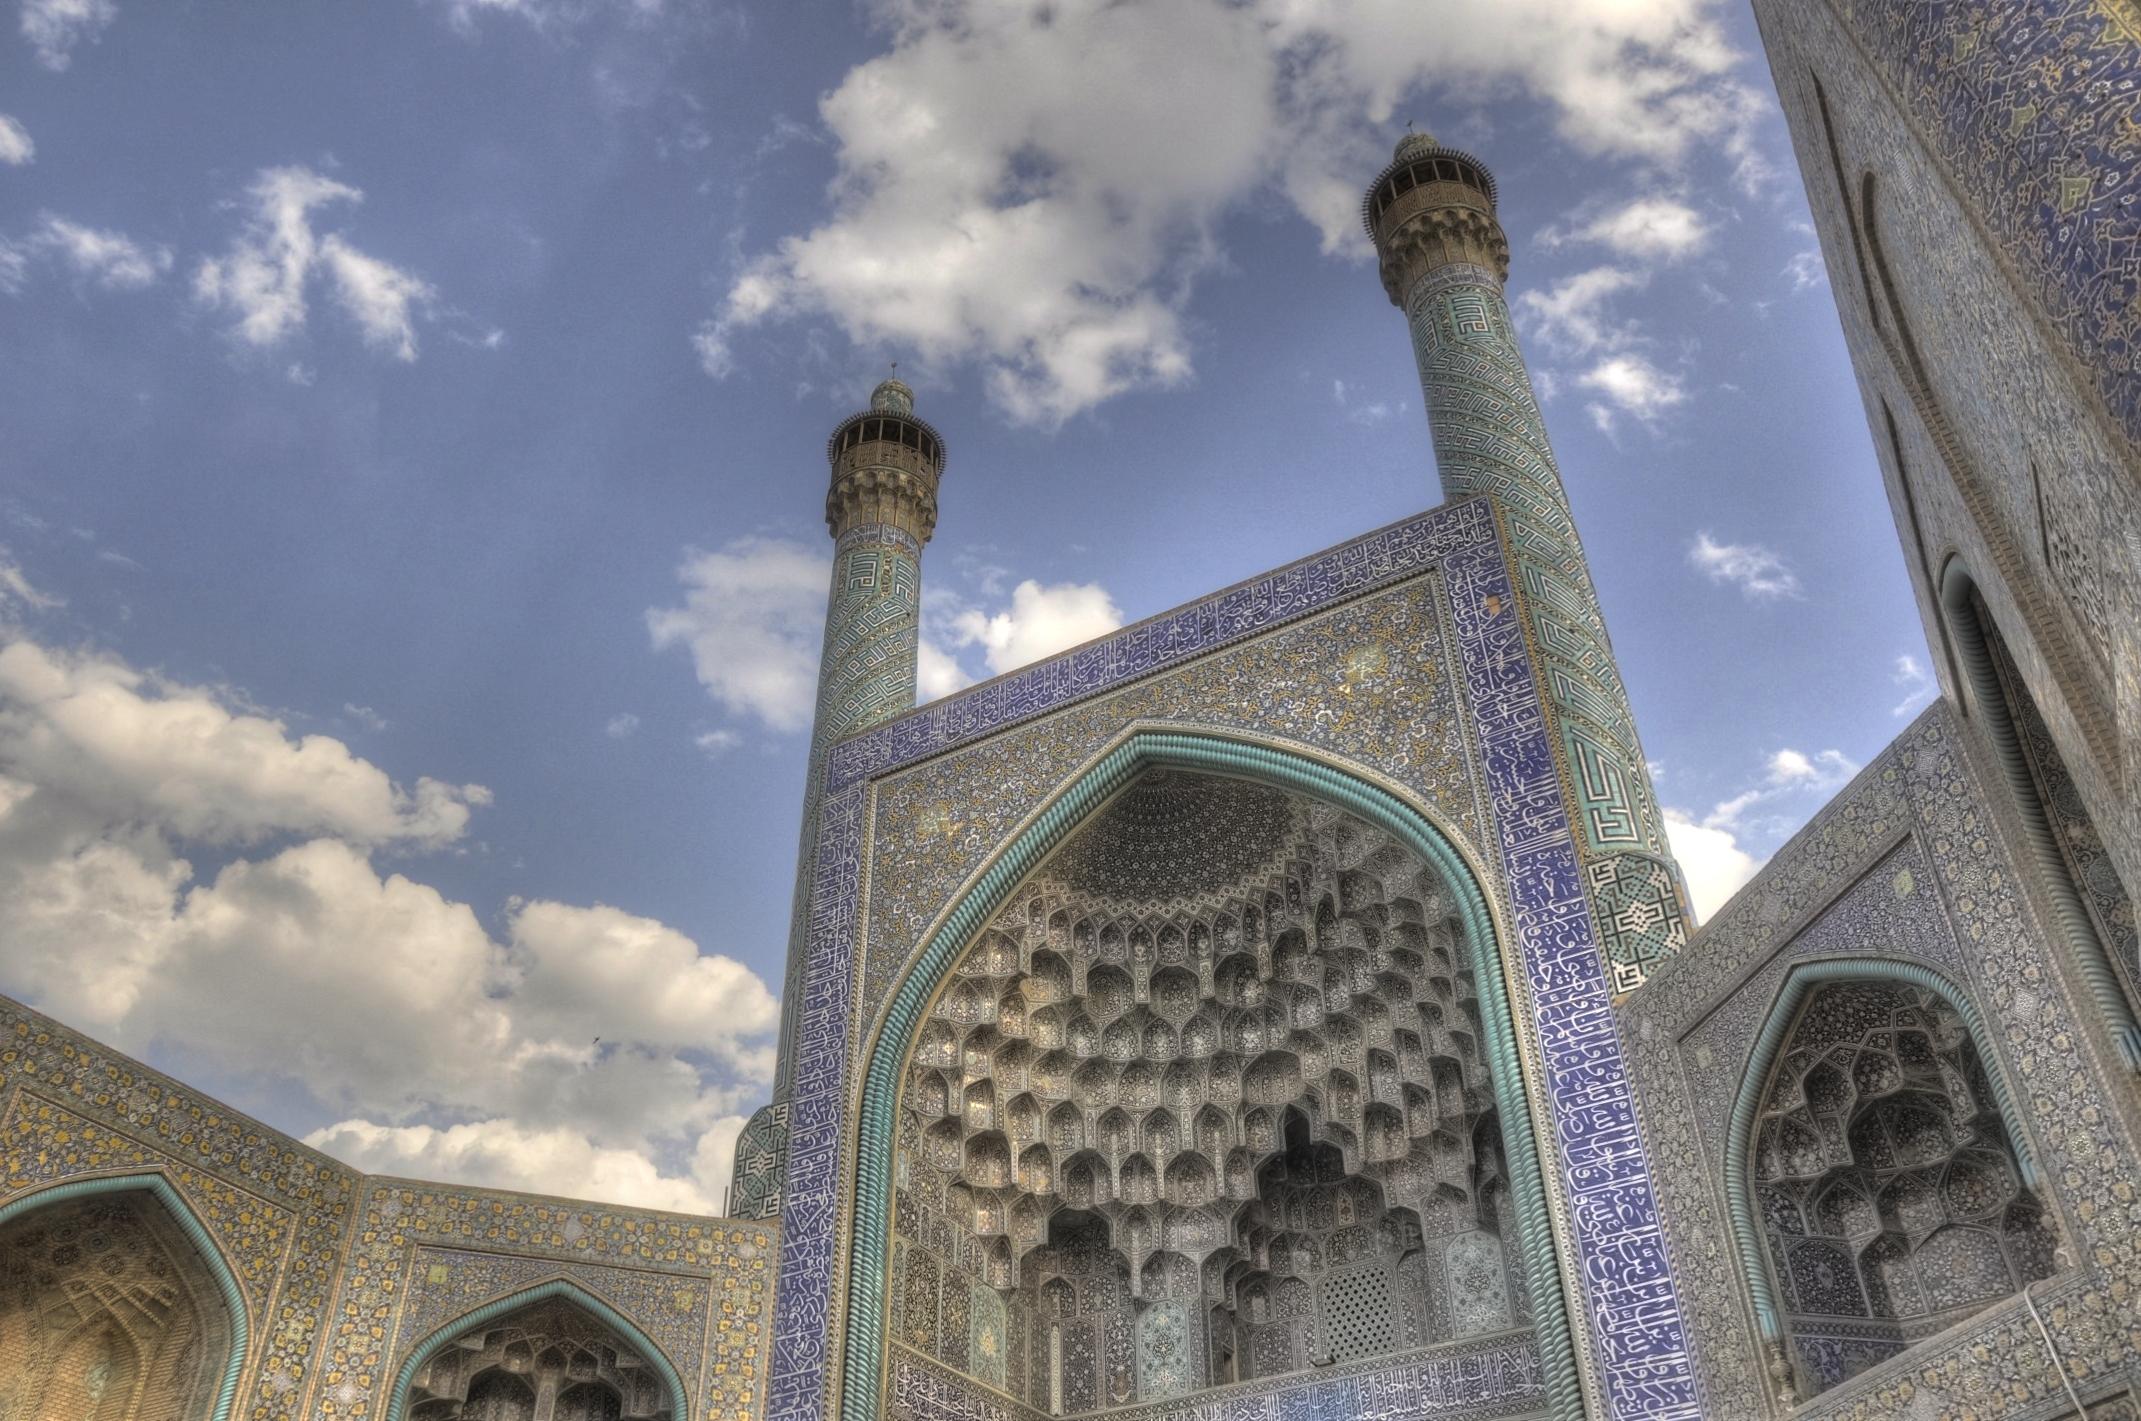 میراث پادشاه مؤمن؛ مسجد شاه اصفهان